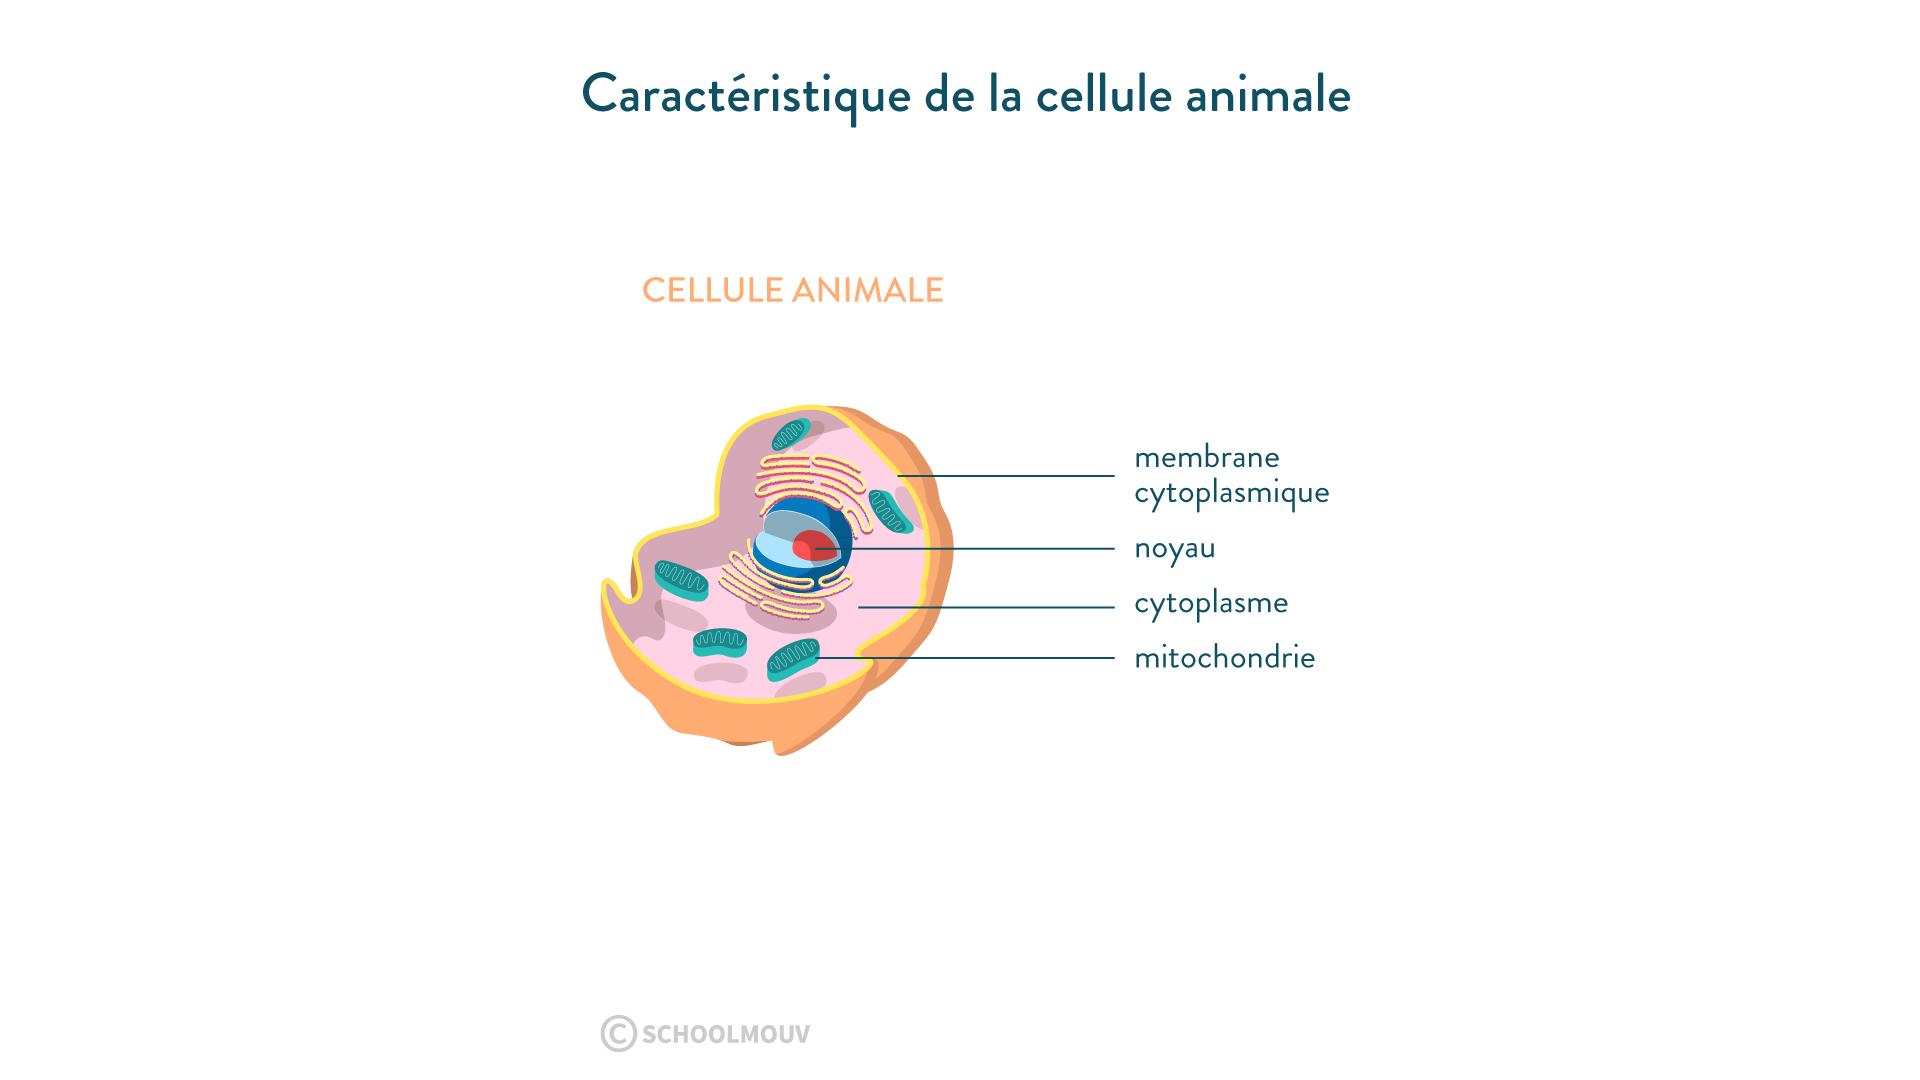 Caractéristique de la cellule animale